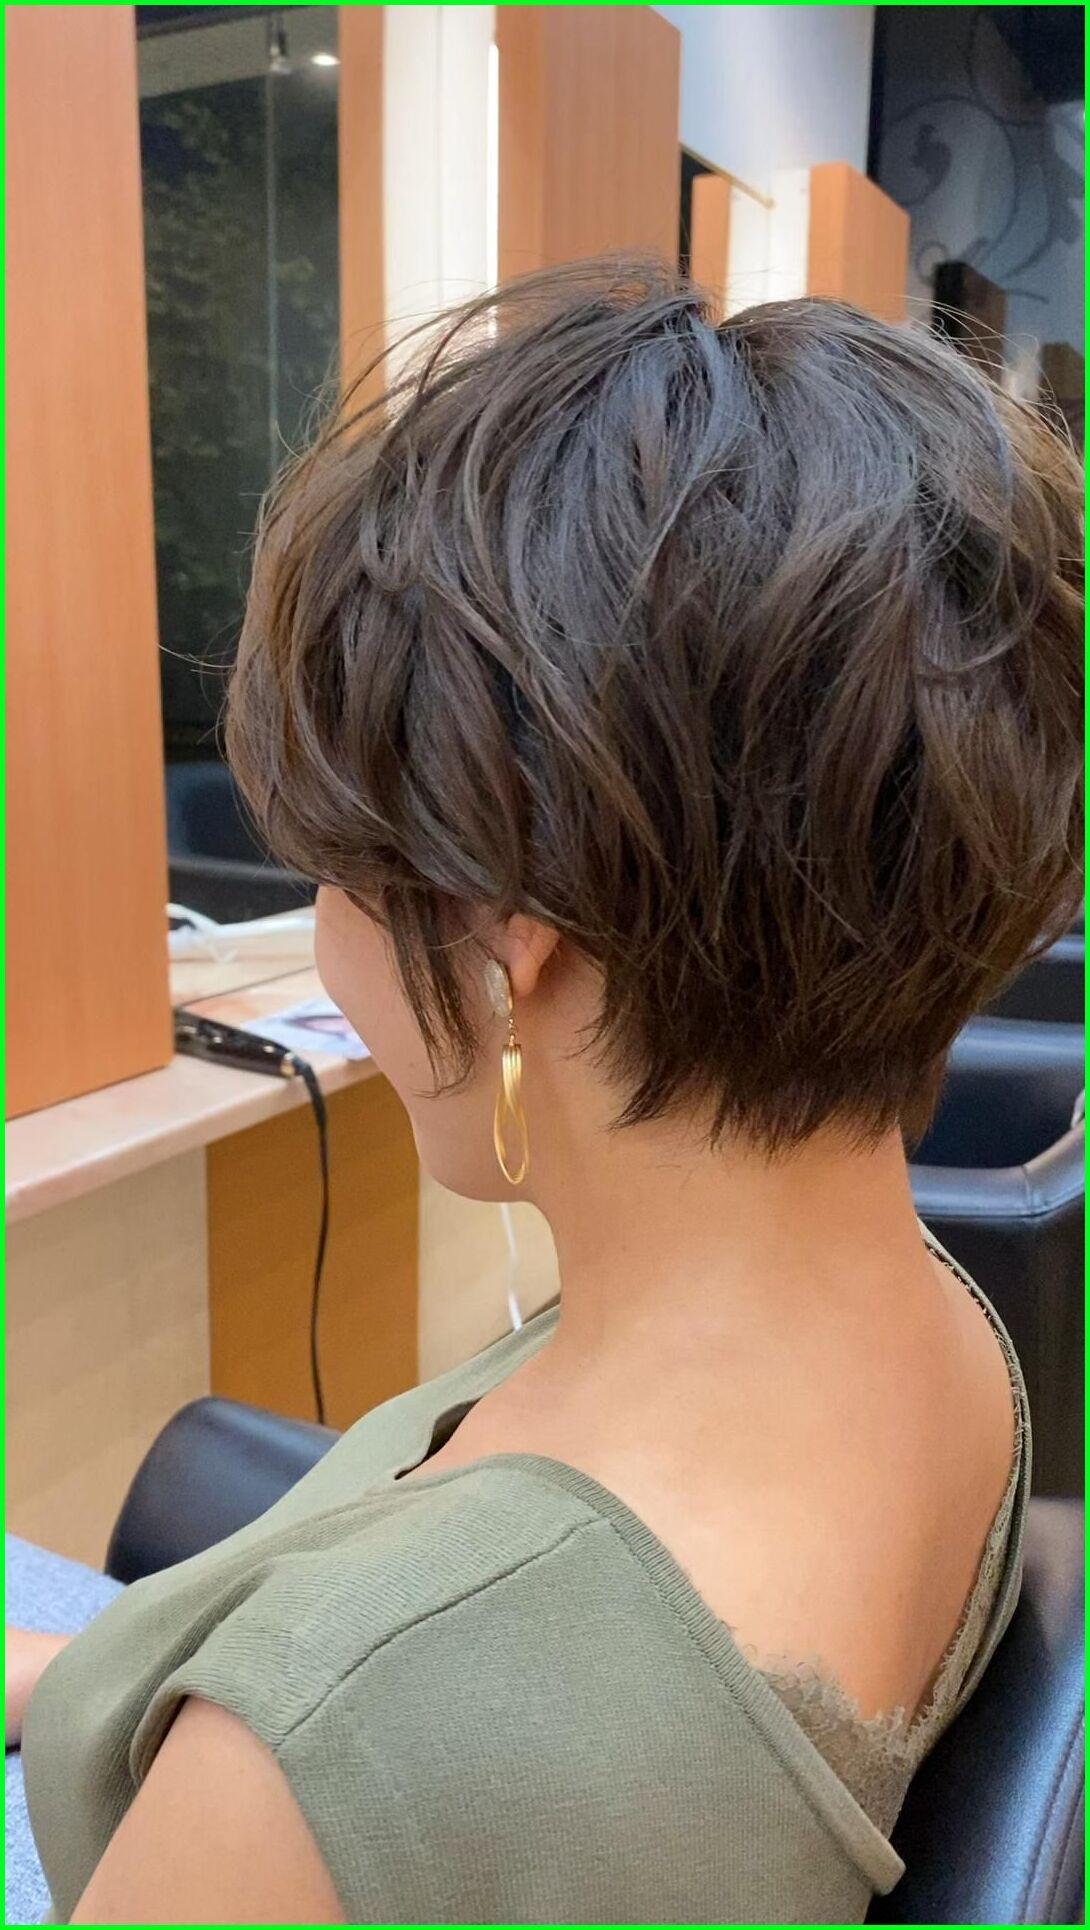 Kurzer langes nacken deckhaar Kurze Haare